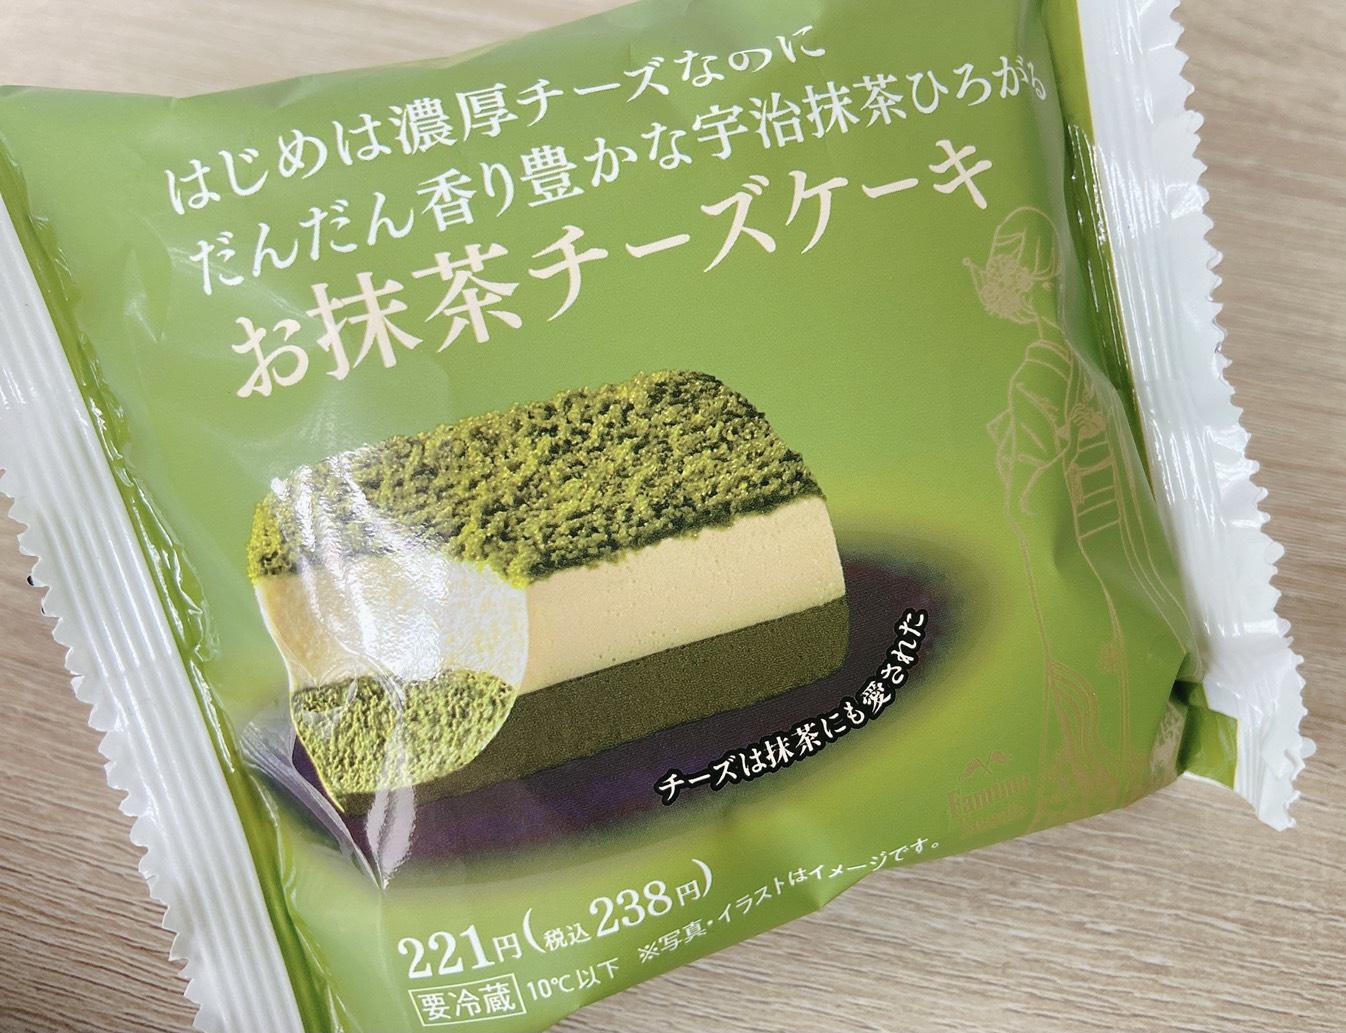 【新発売】抹茶とチーズの最強コンビ!ファミマの宇治抹茶づくしレポ第1弾【食レポ】_1